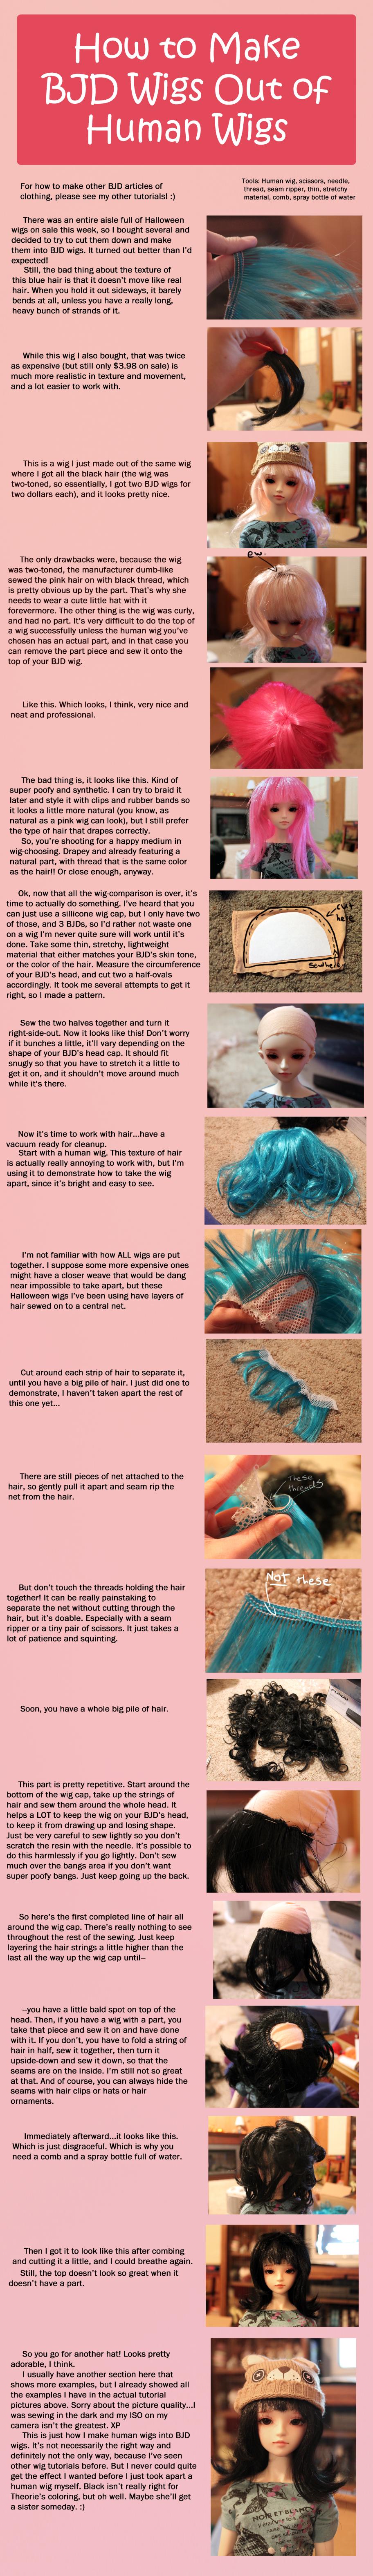 http://orig00.deviantart.net/8058/f/2013/312/0/9/how_to_make_bjd_wigs_out_of_human_wigs_by_rodianangel-d6tgzg3.jpg